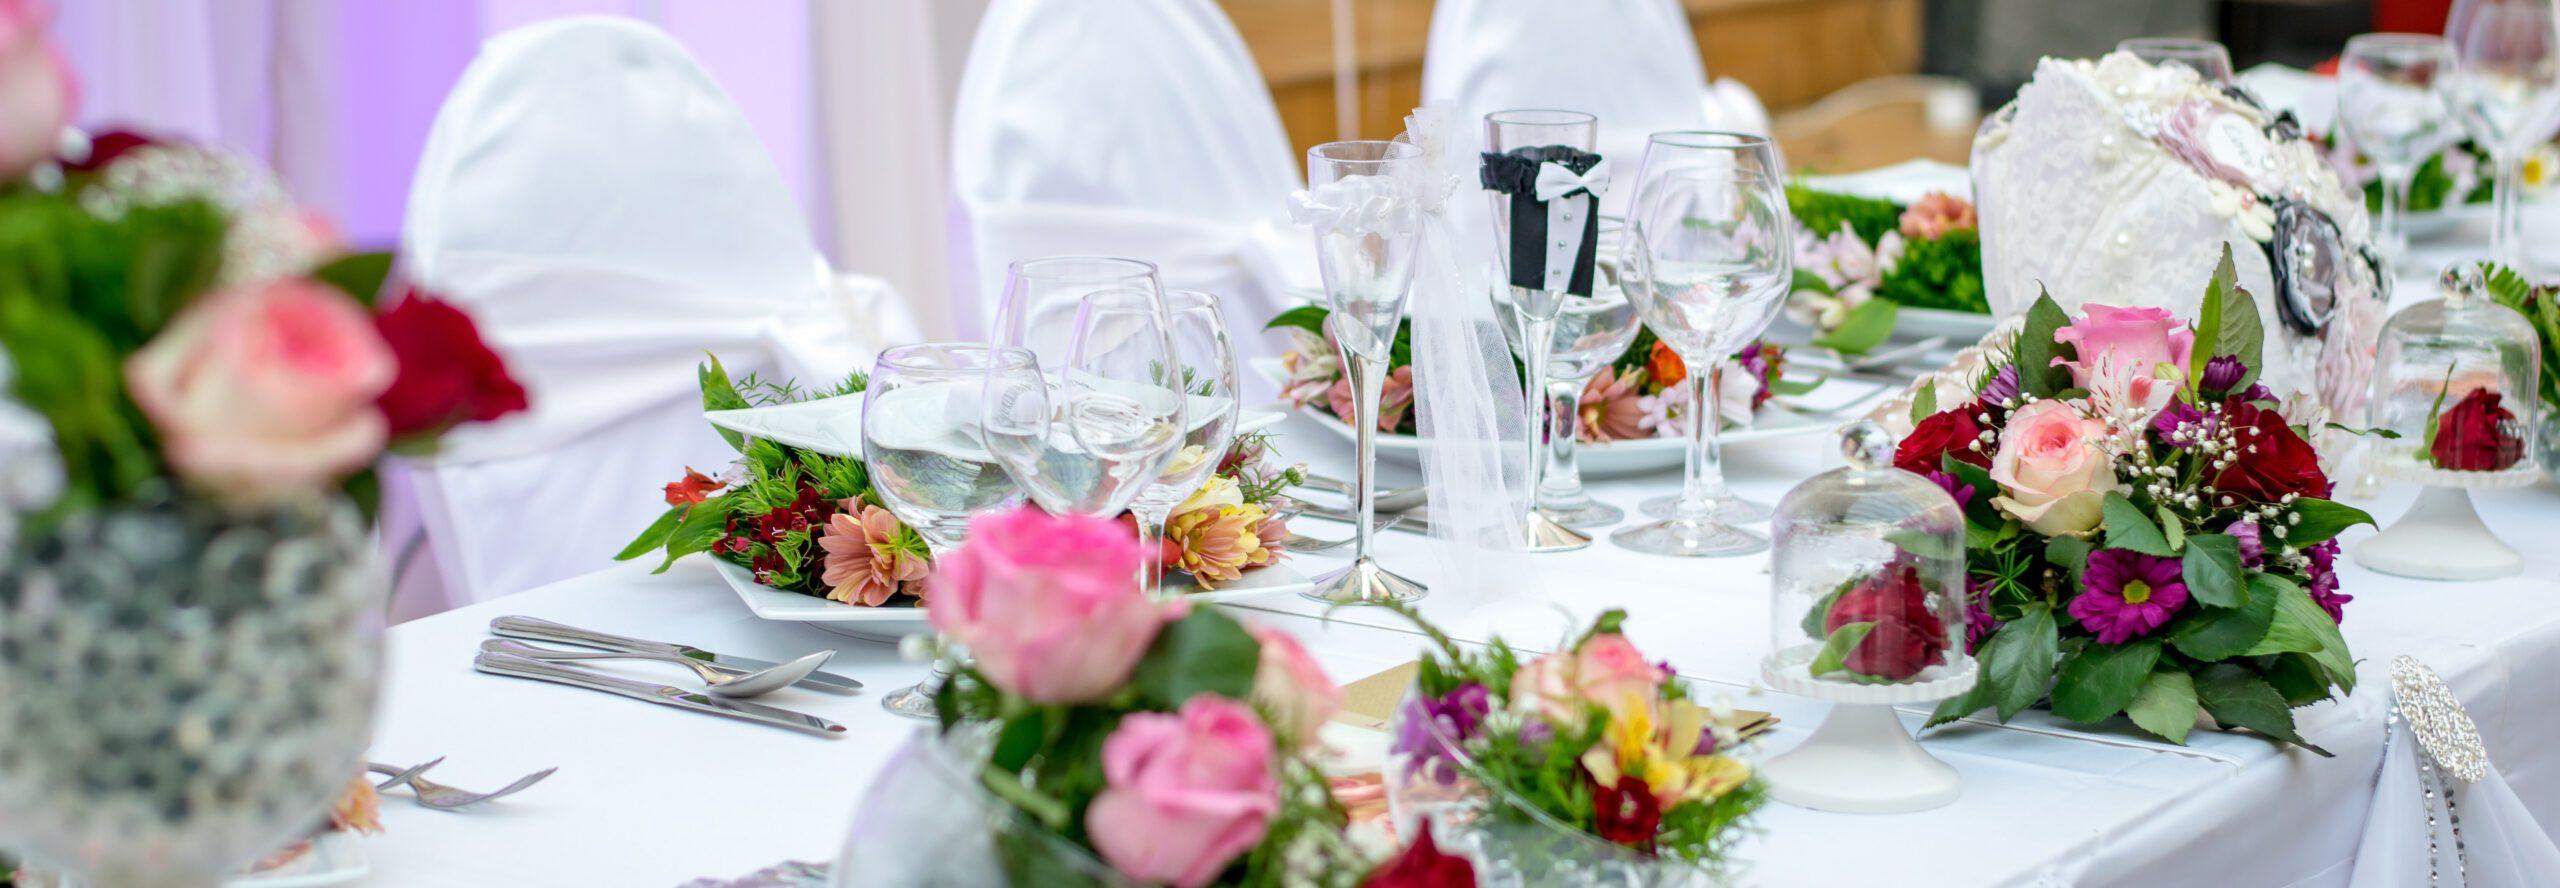 bröllopsdukning med porslin